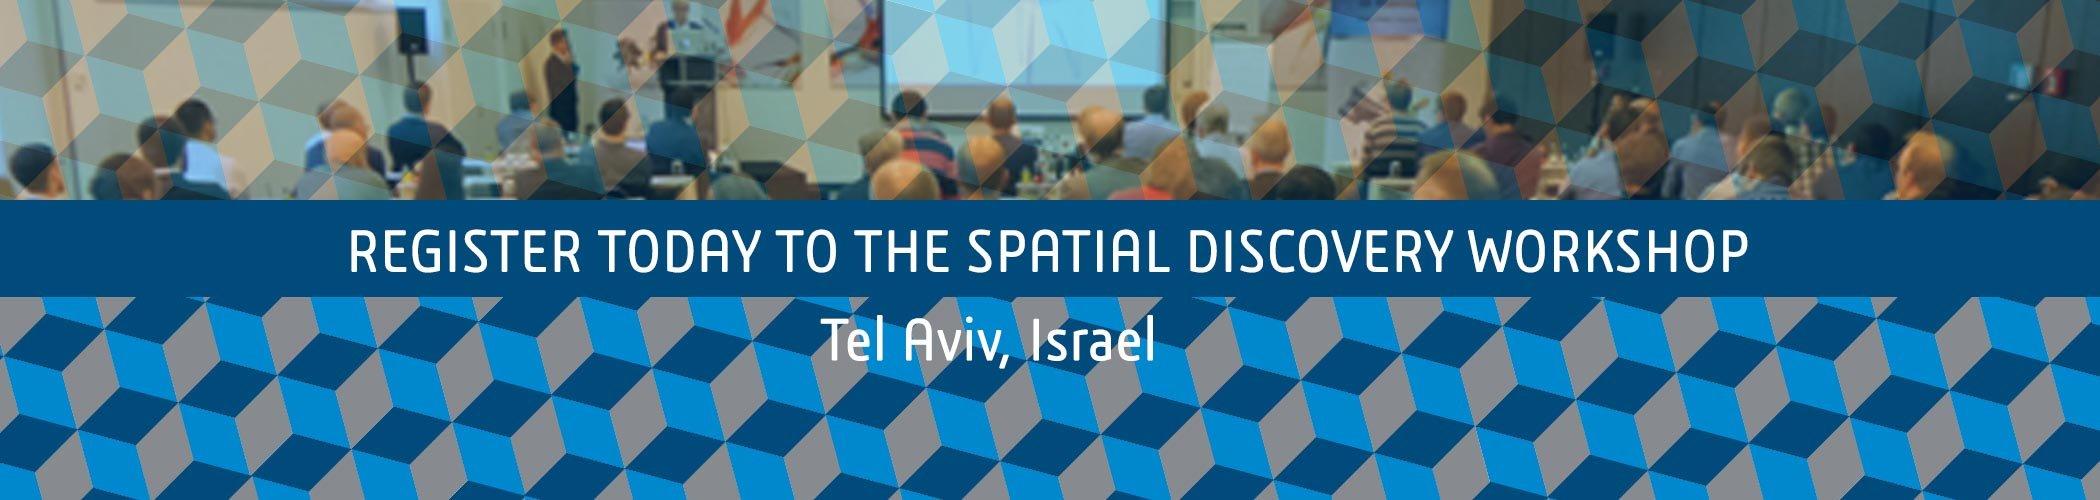 20190502-02 Tel Aviv WorkshopBanner